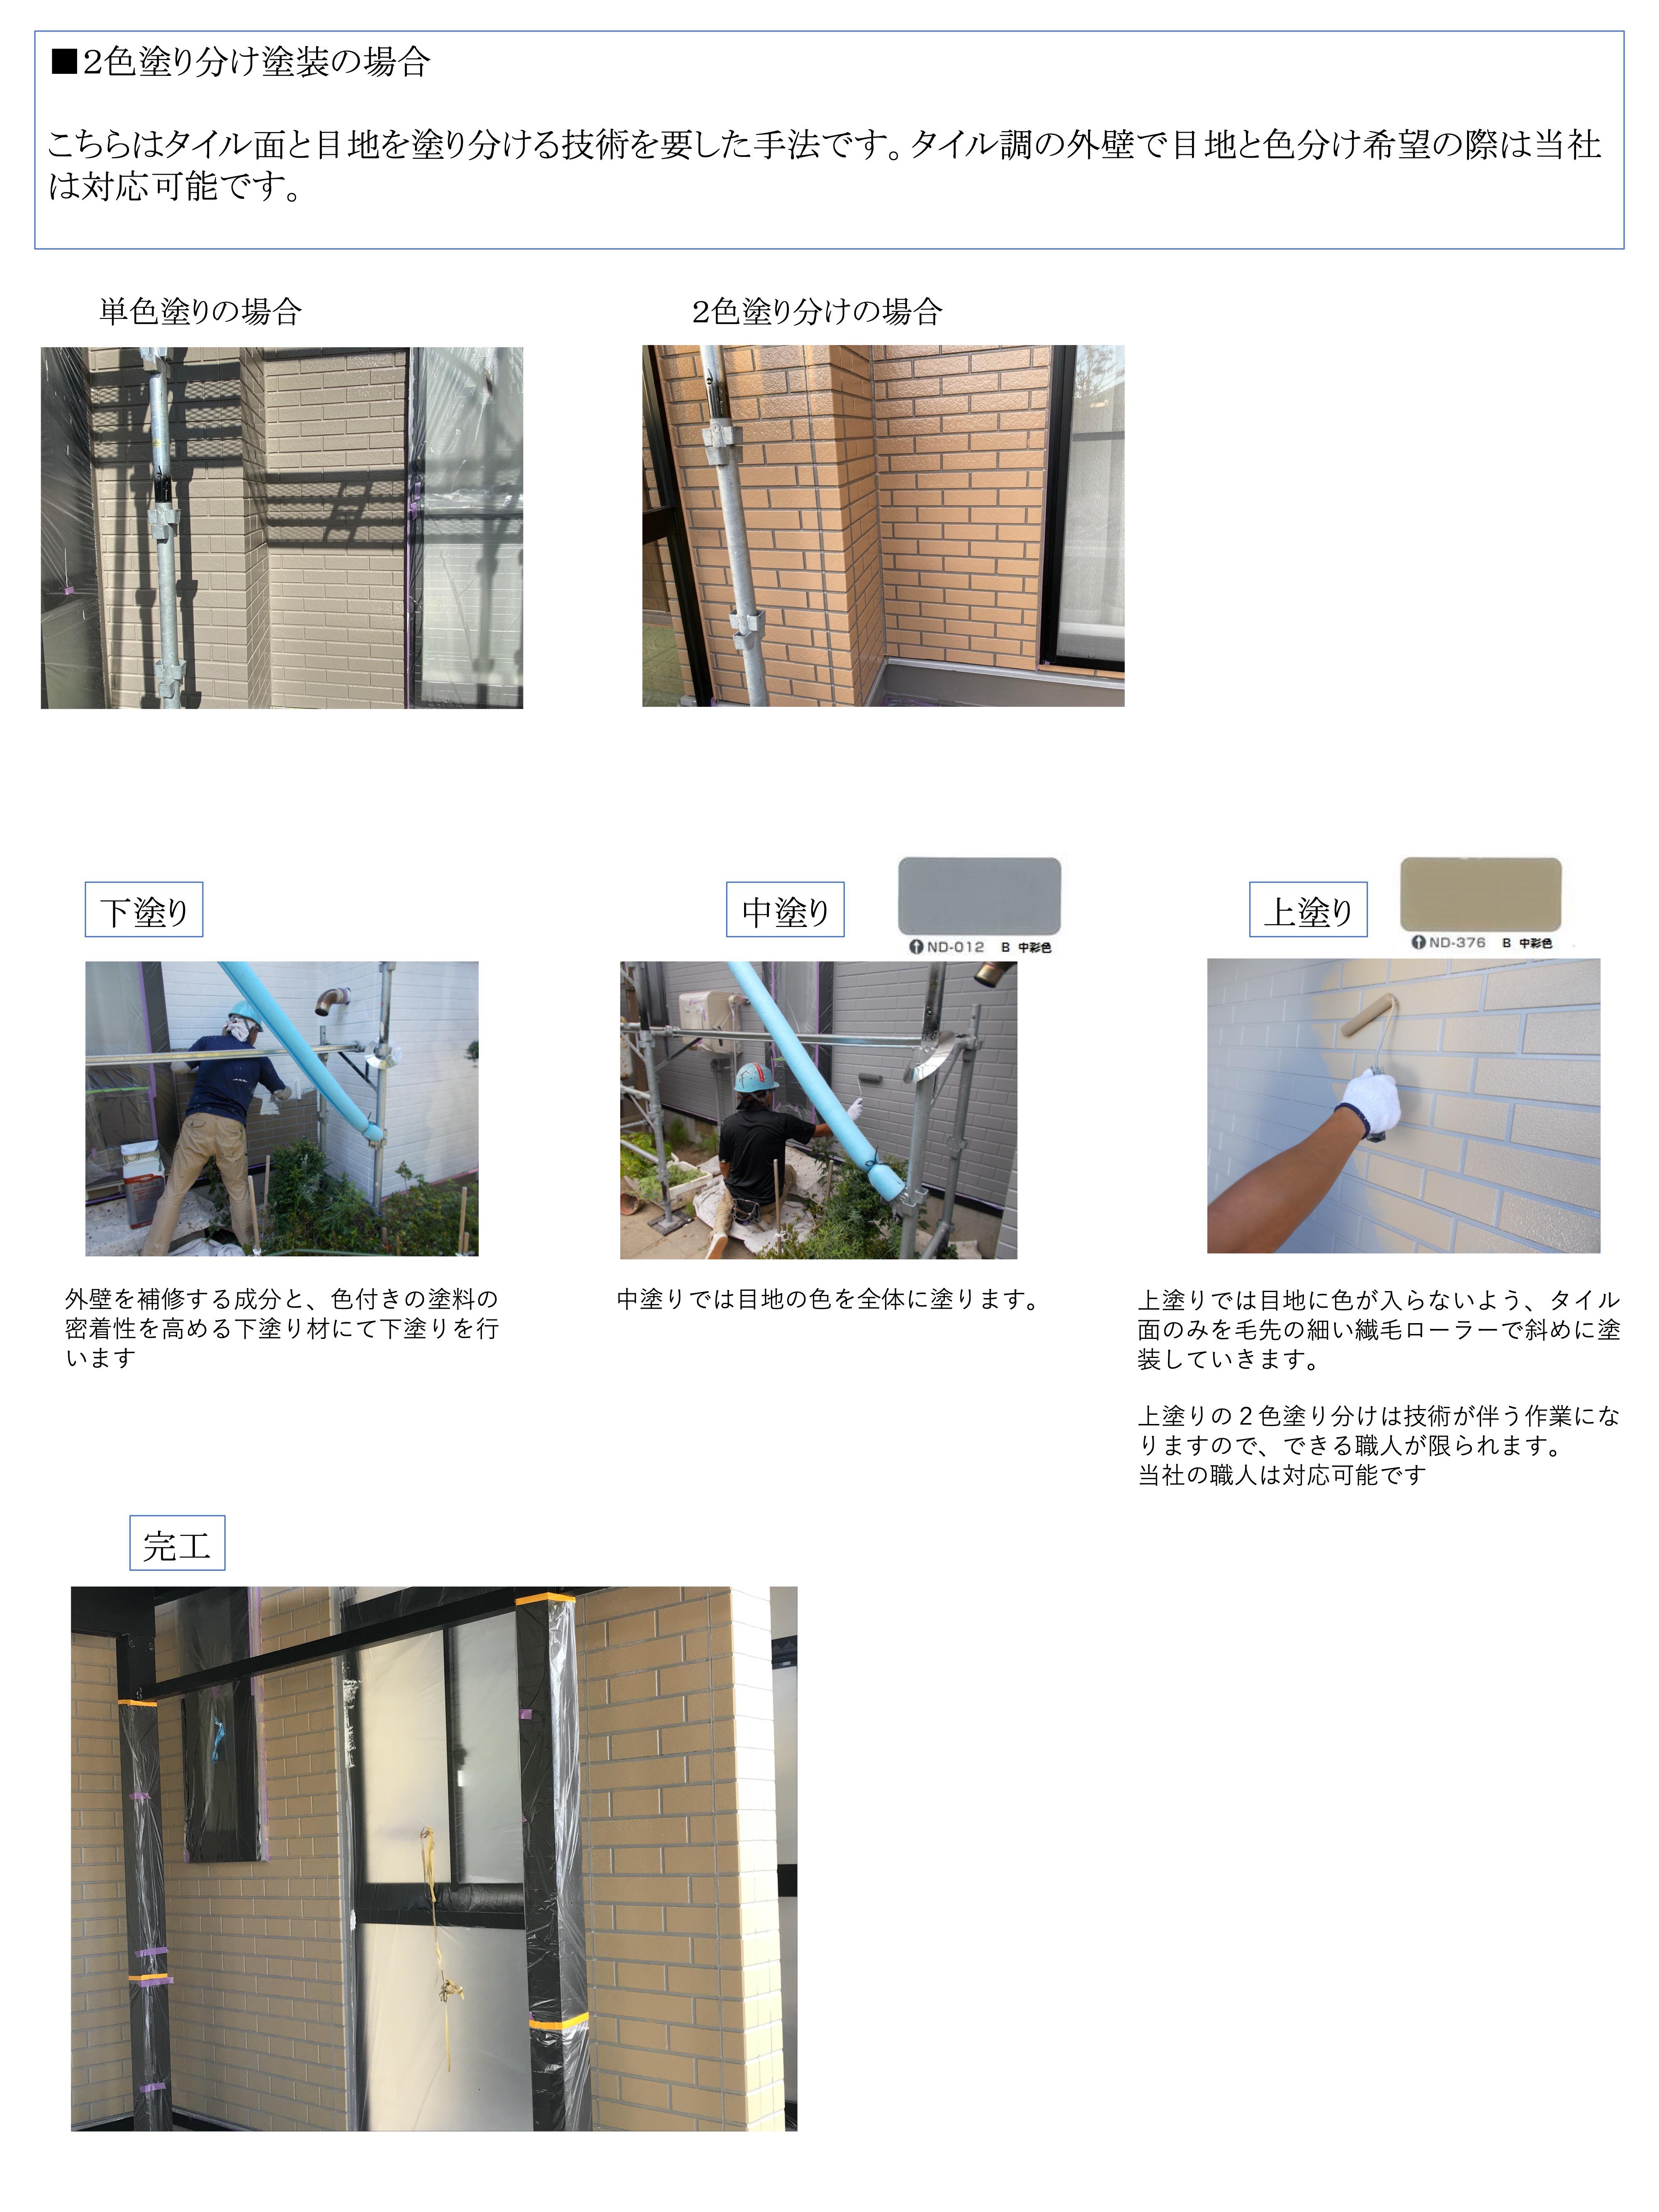 工事内容・流れ ホームページ用 9